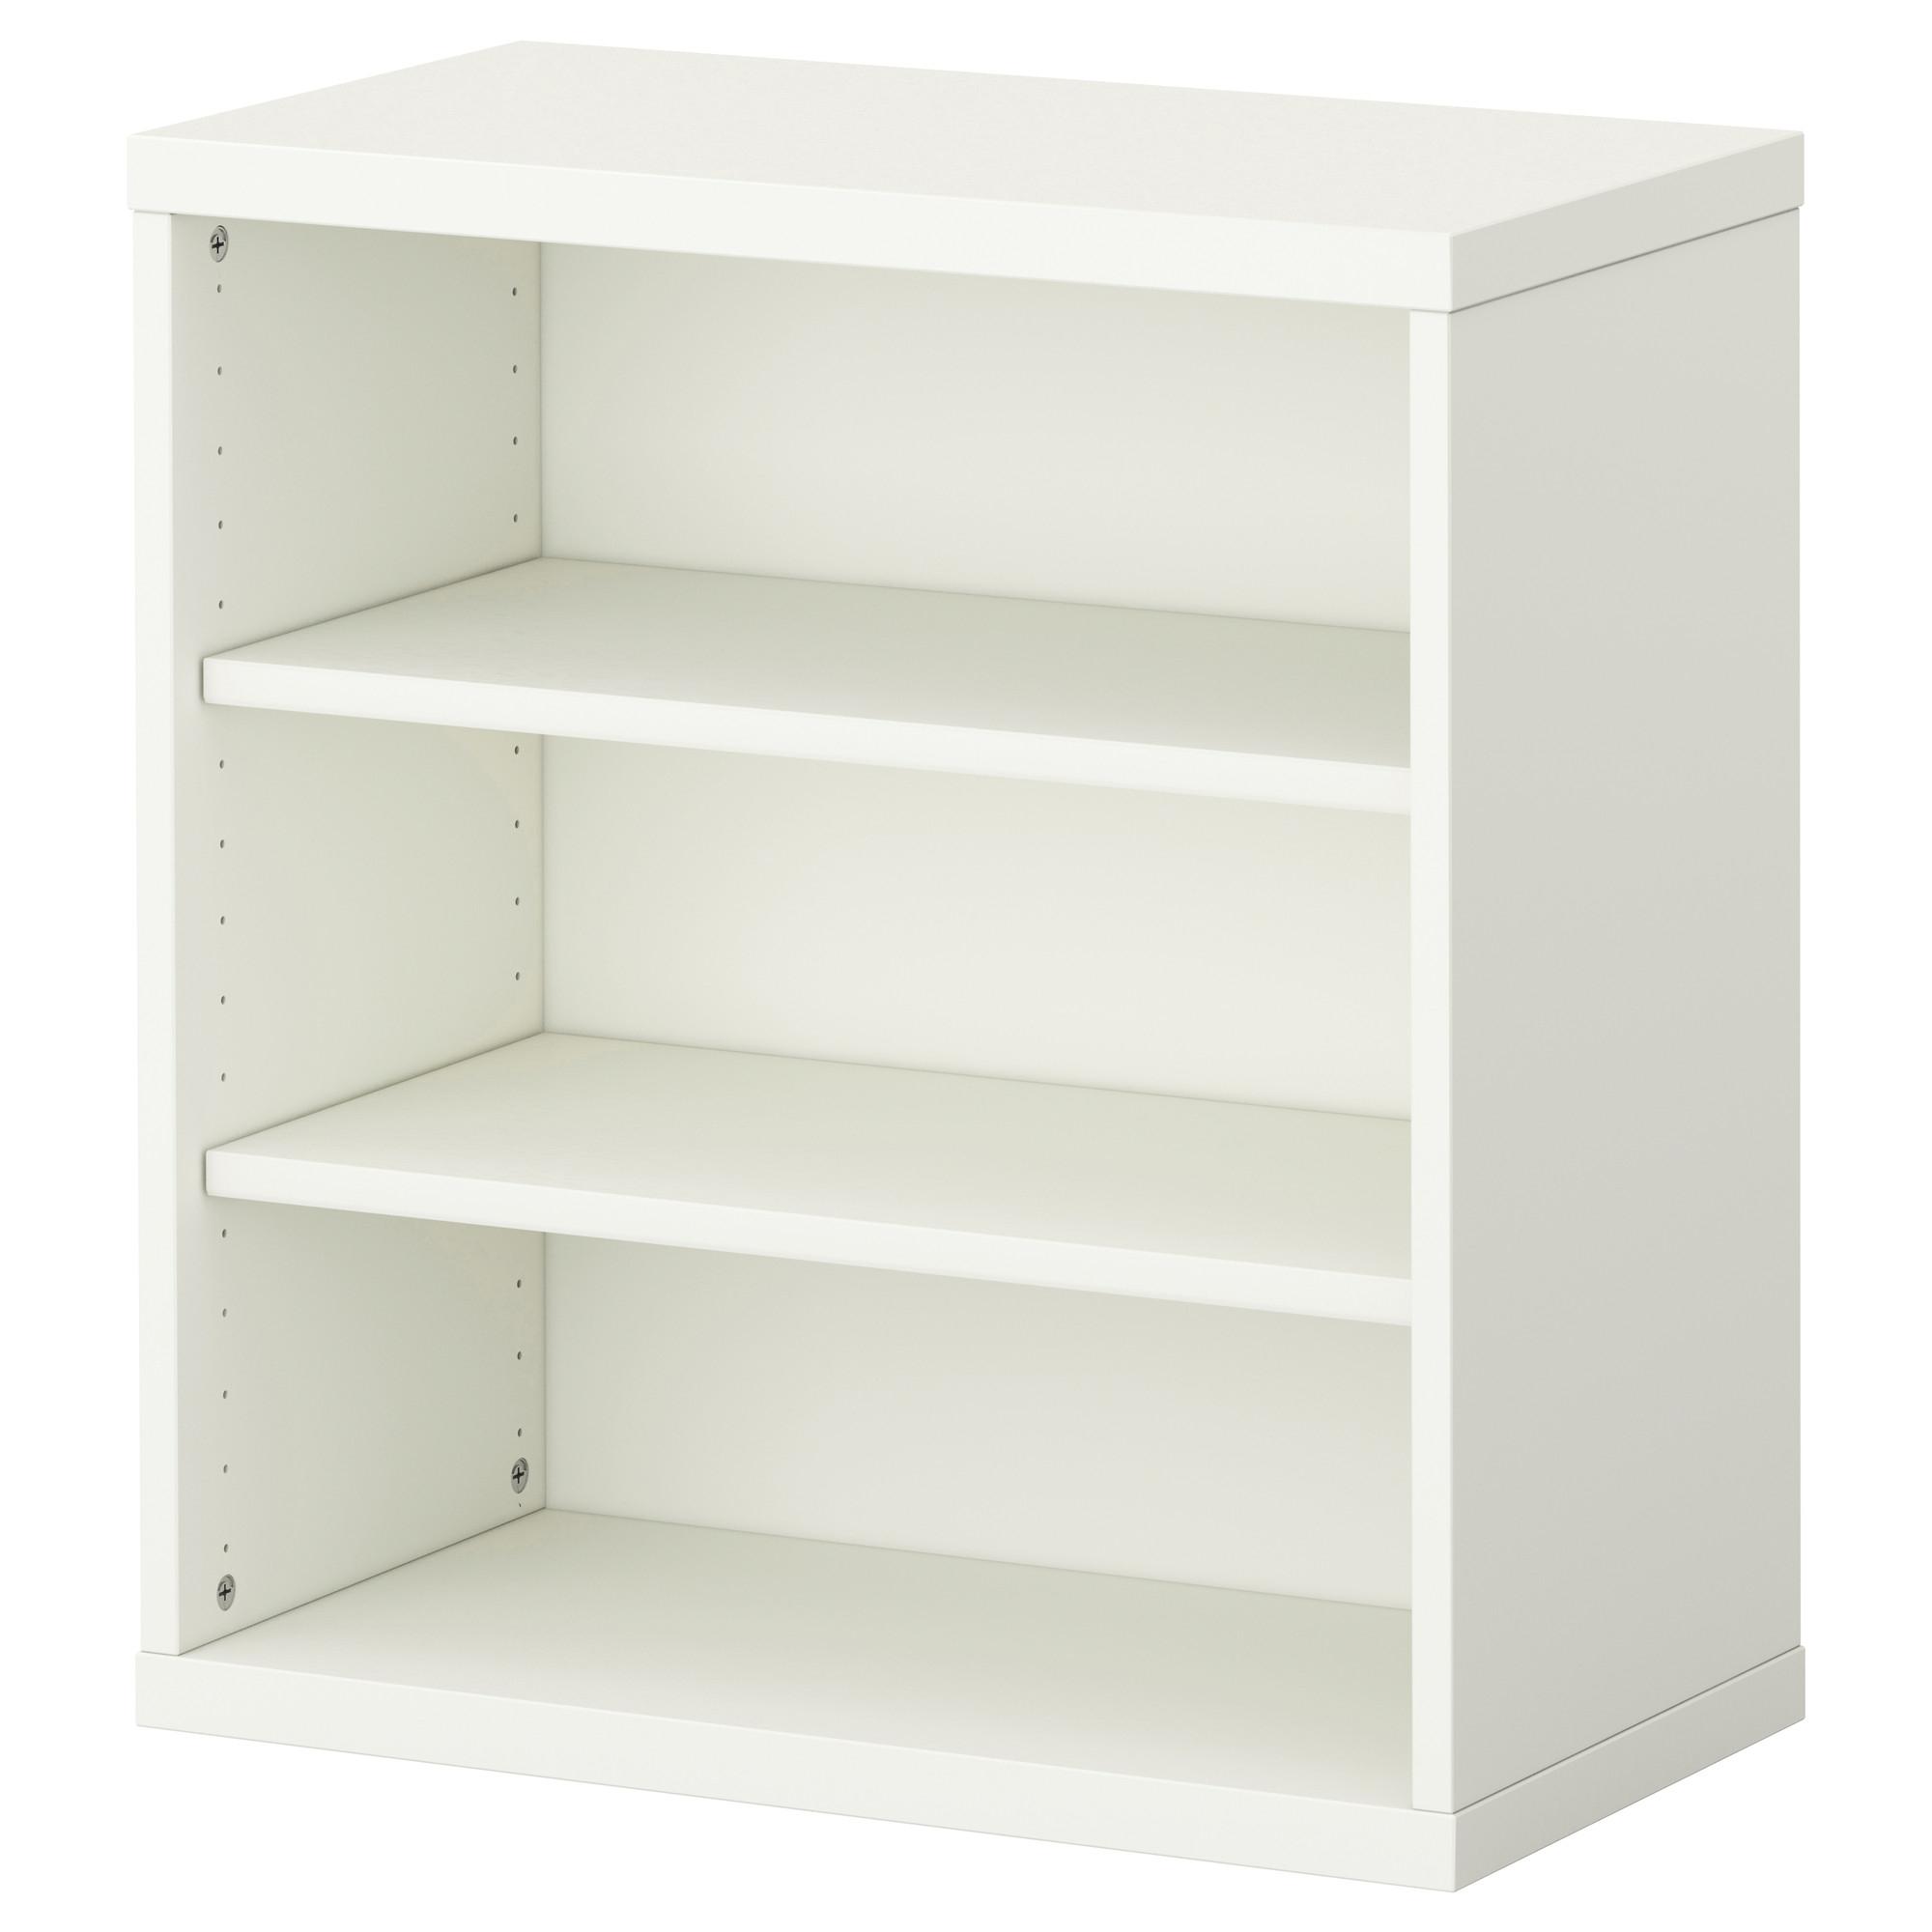 STUVA Combinación almacenaje+2 estantes 300d9419af1b